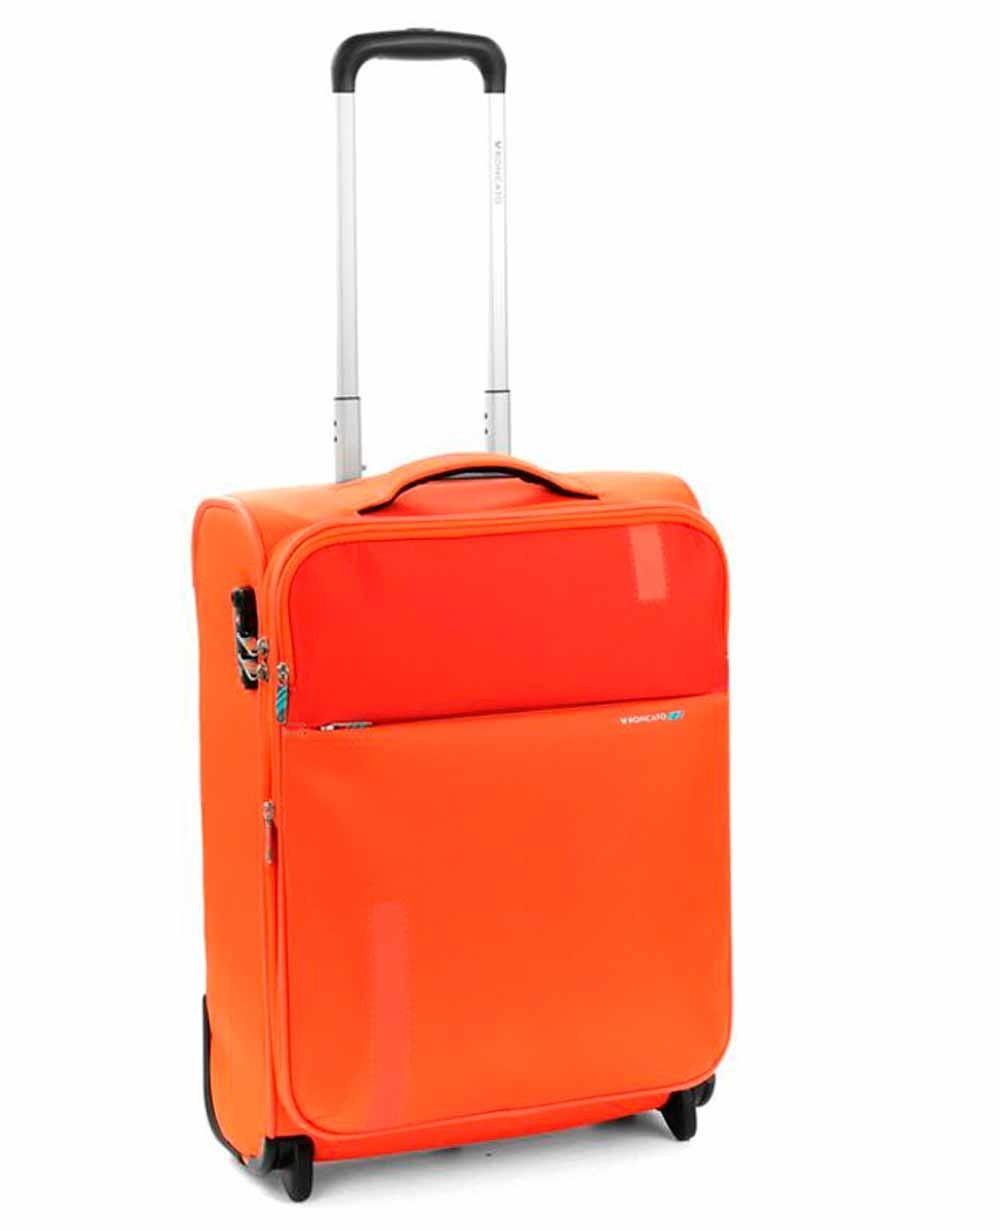 Roncato Speed Maleta de Mano 2r Naranja (Foto )